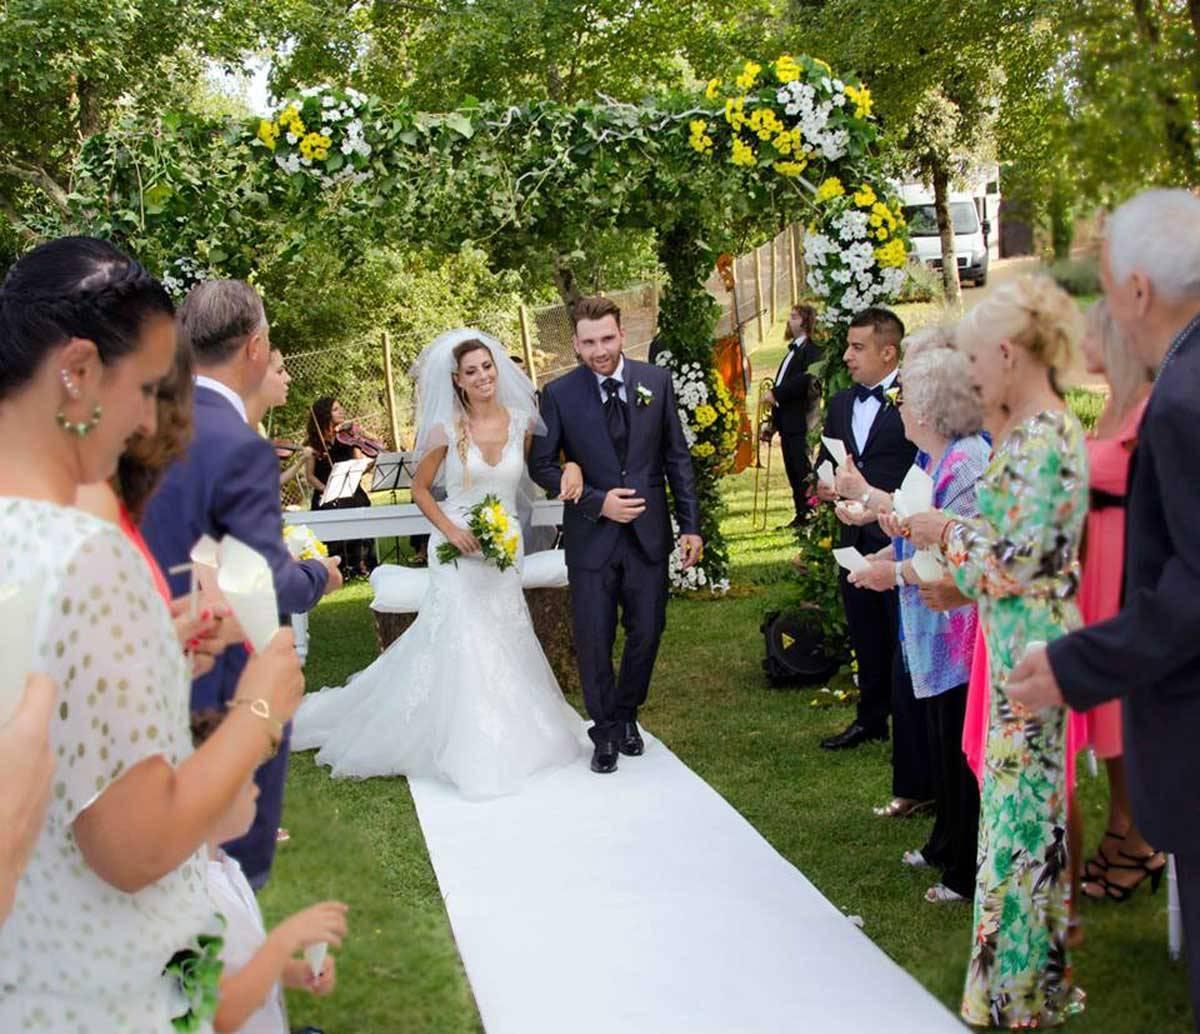 11990520 10205783596843978 3259779924329241025 n - Luxury Wedding Gallery